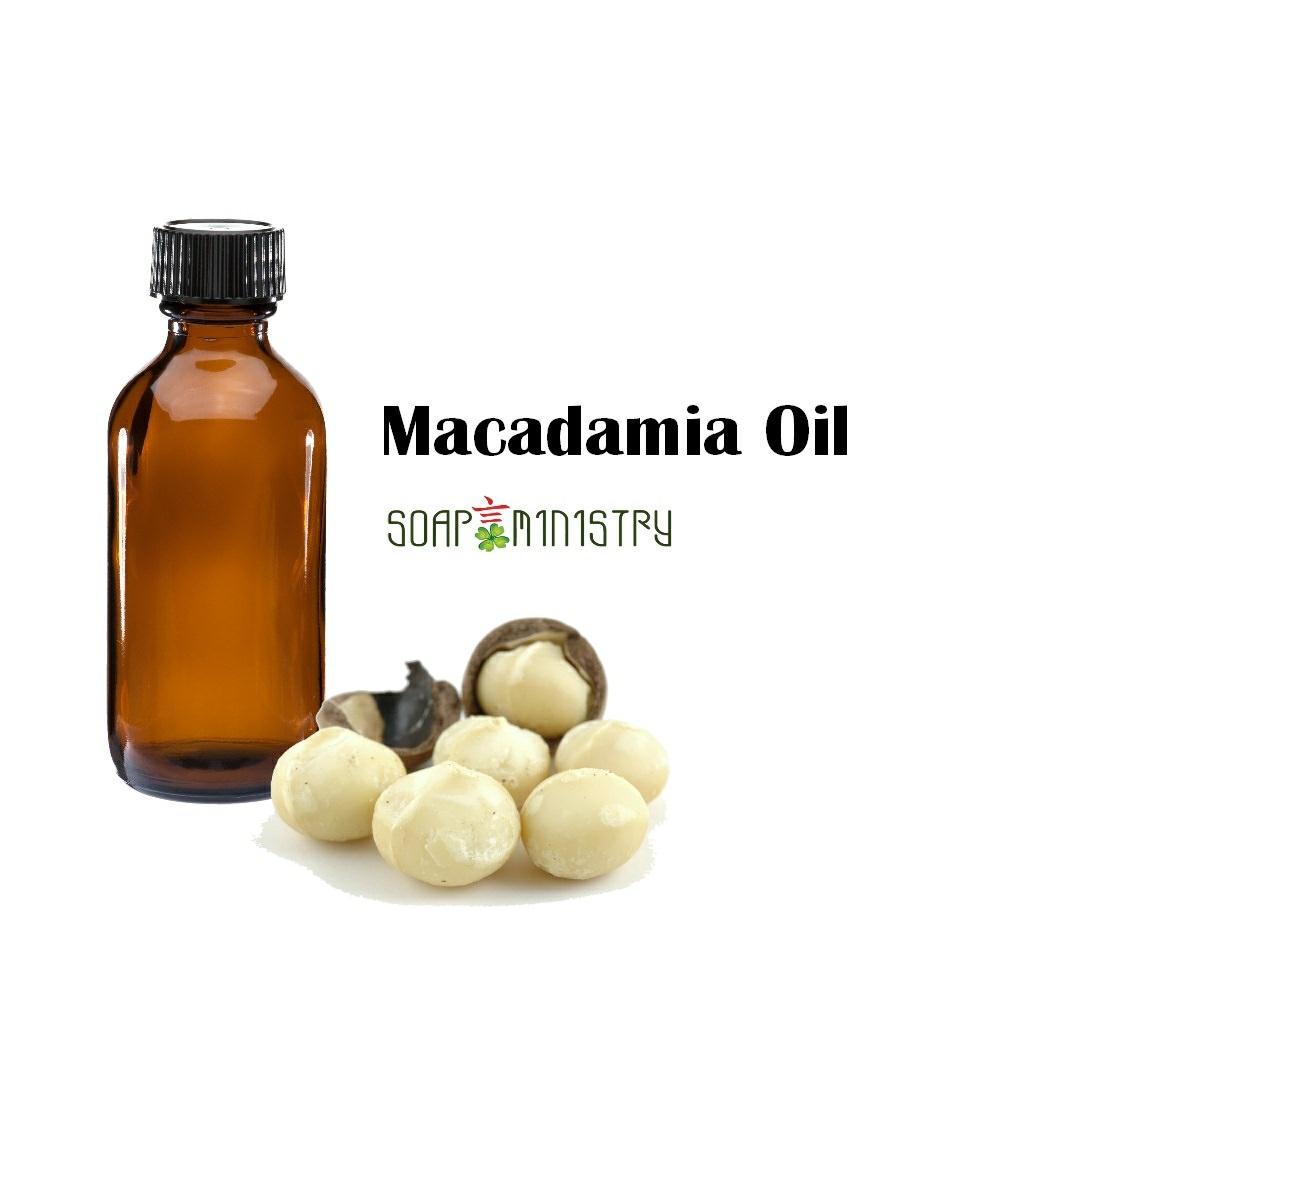 Macadamia Oil 1L